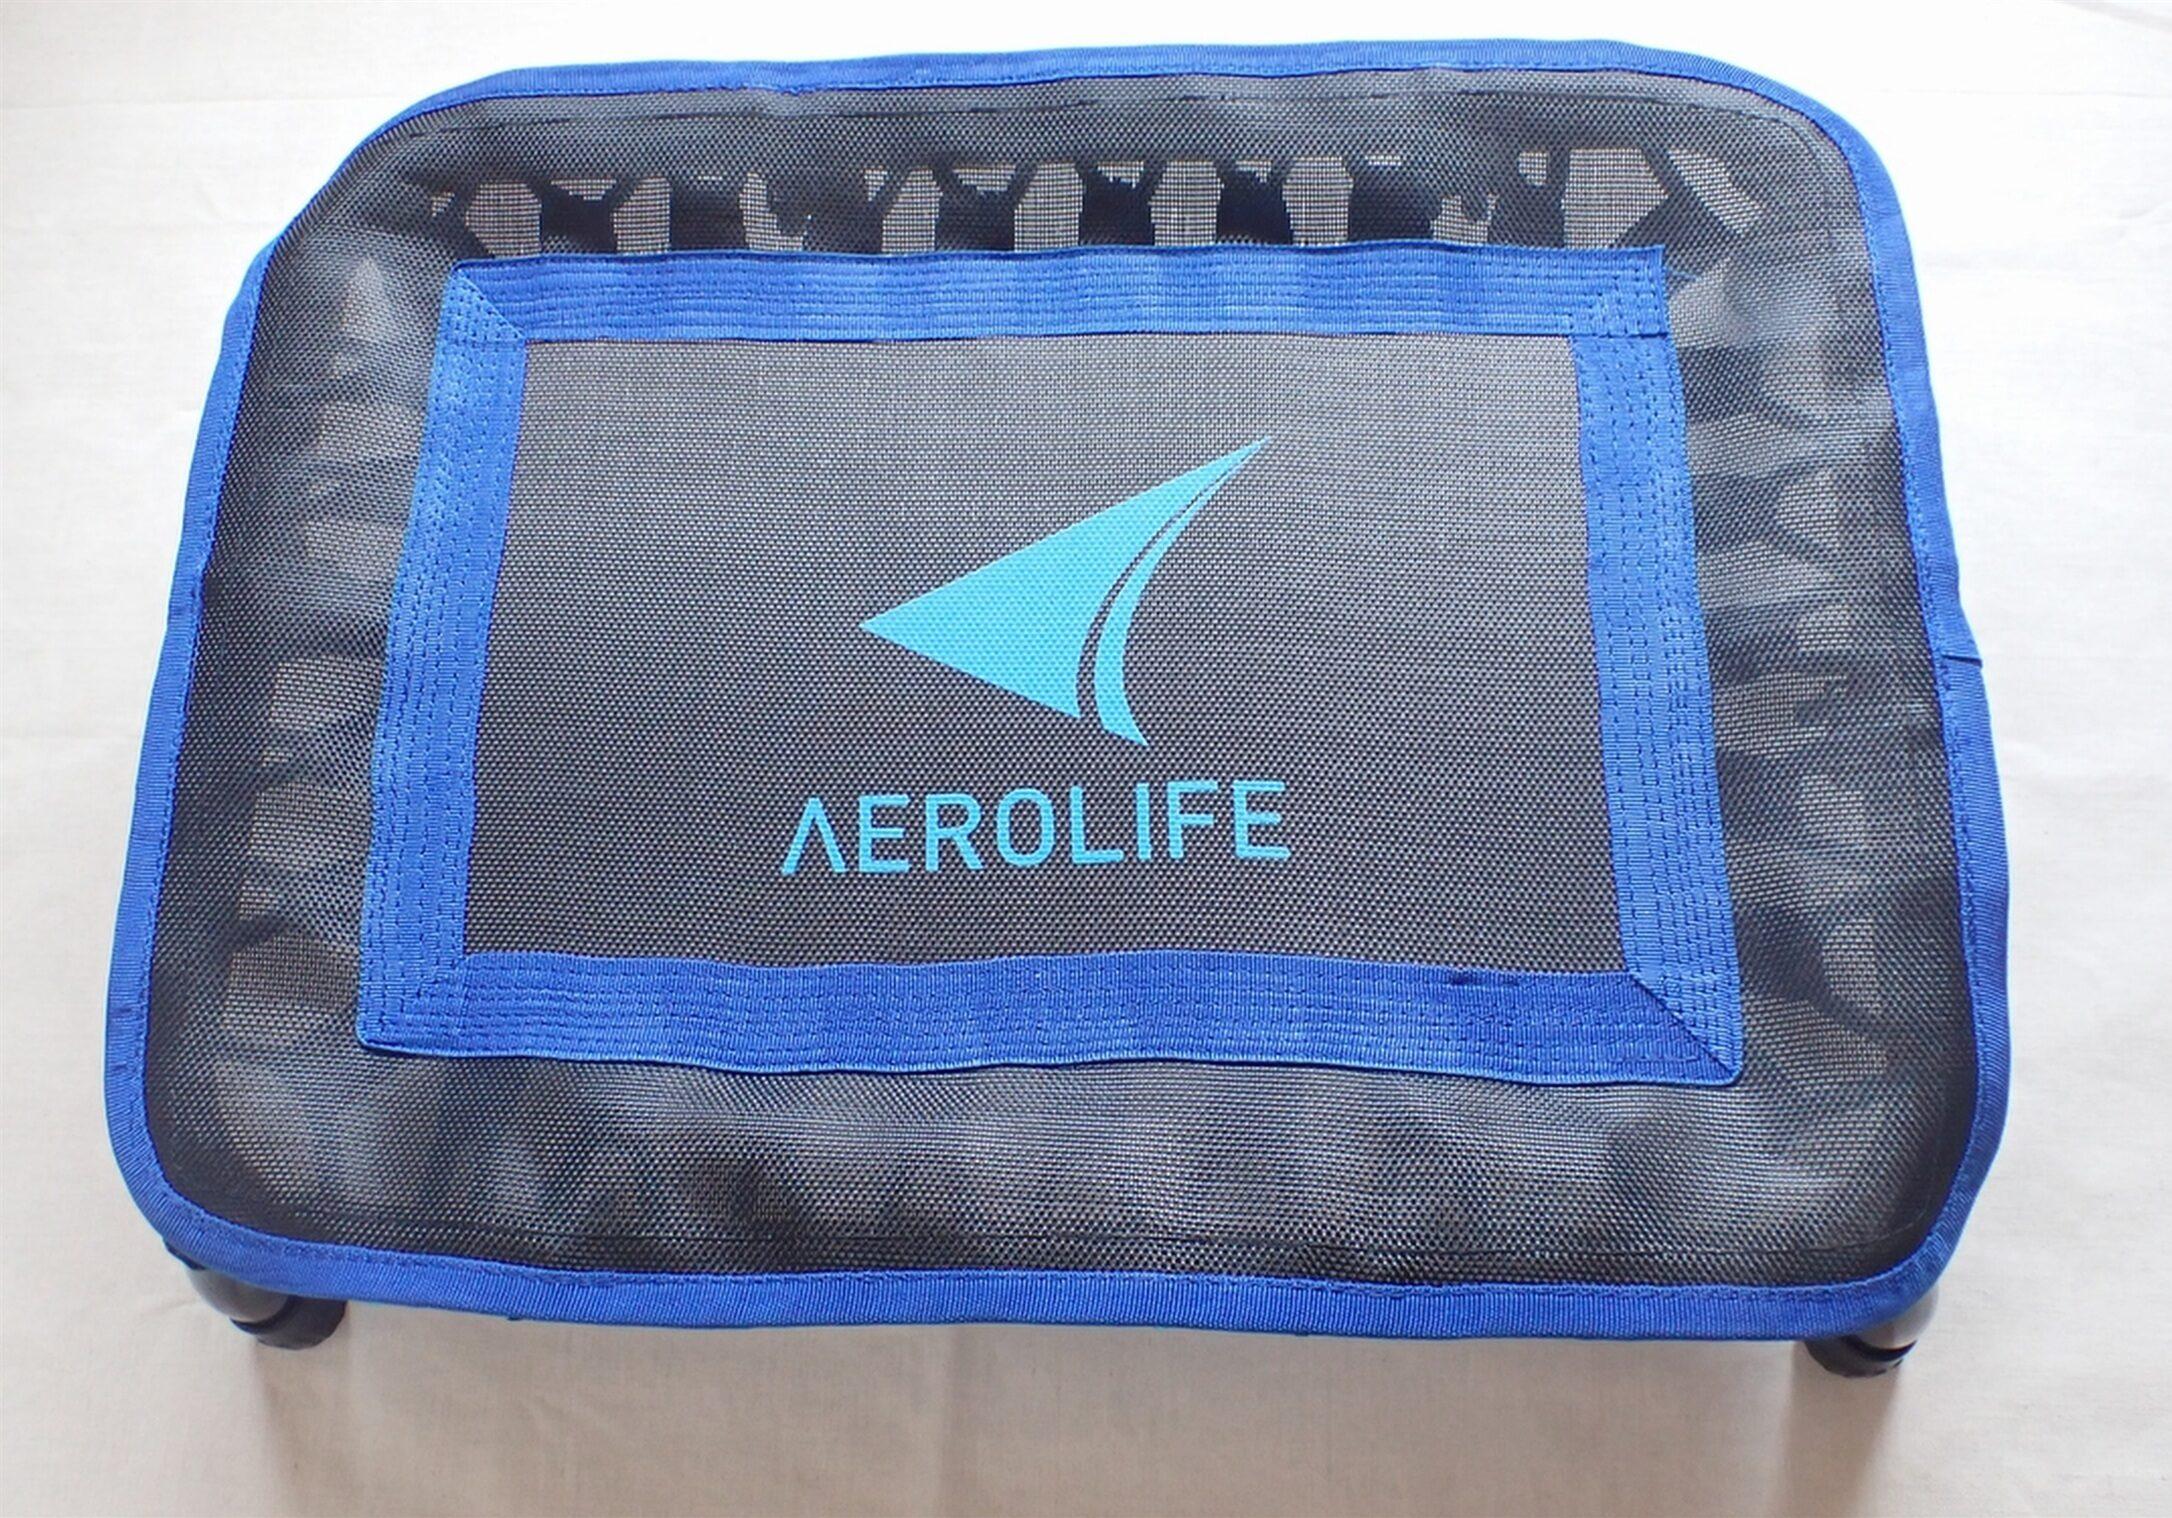 モダンロイヤル株式会社 エアロライフ ジャンピングステッパー DR-3770を購入してみた個人の口コミレビュー